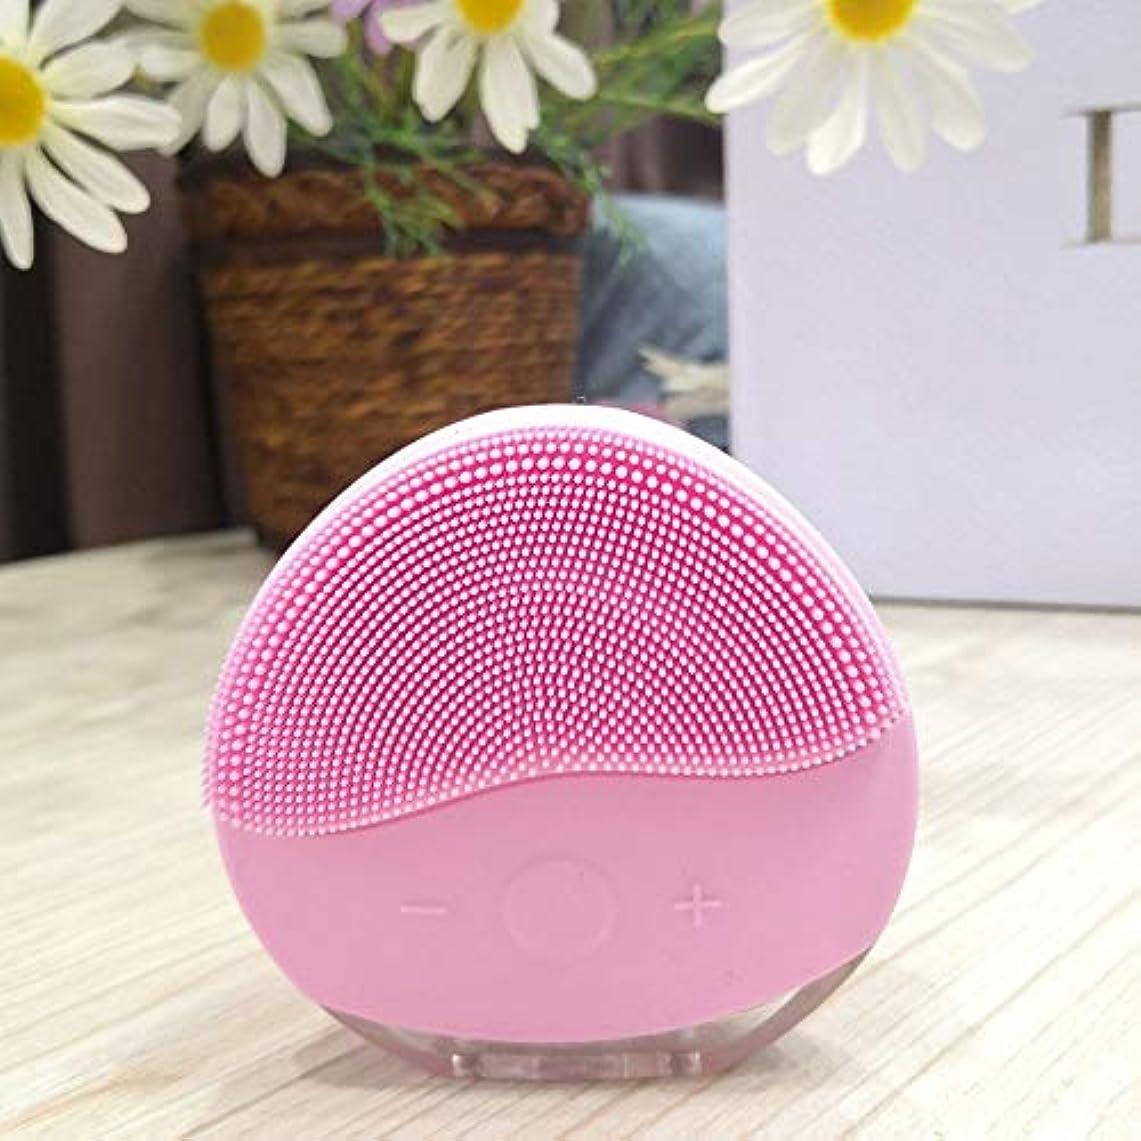 いつ基礎安全LYX 新エレクトリッククレンジング器、超音波防水多機能洗顔、ソニックシリコーン電気洗浄ブラシのUSB充電&防水女性ティーンガールメイクウォッシュ (Color : ピンク)